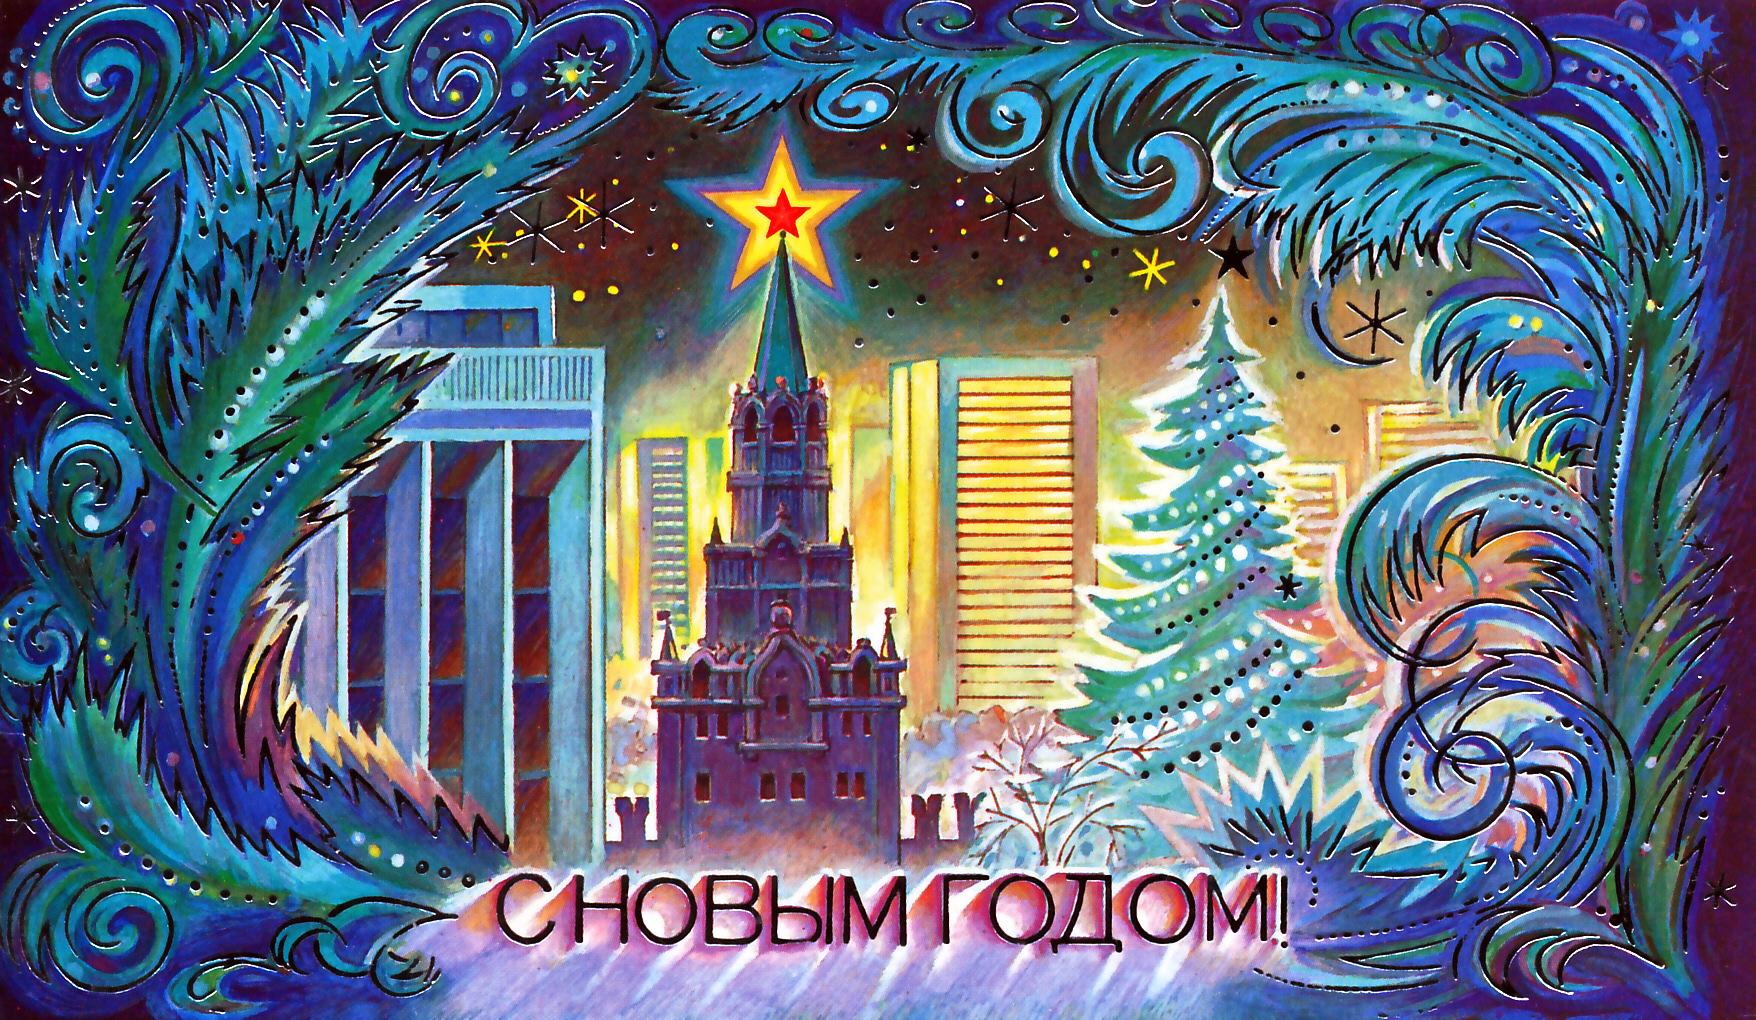 Открытка с новым годом из москвы, день святого